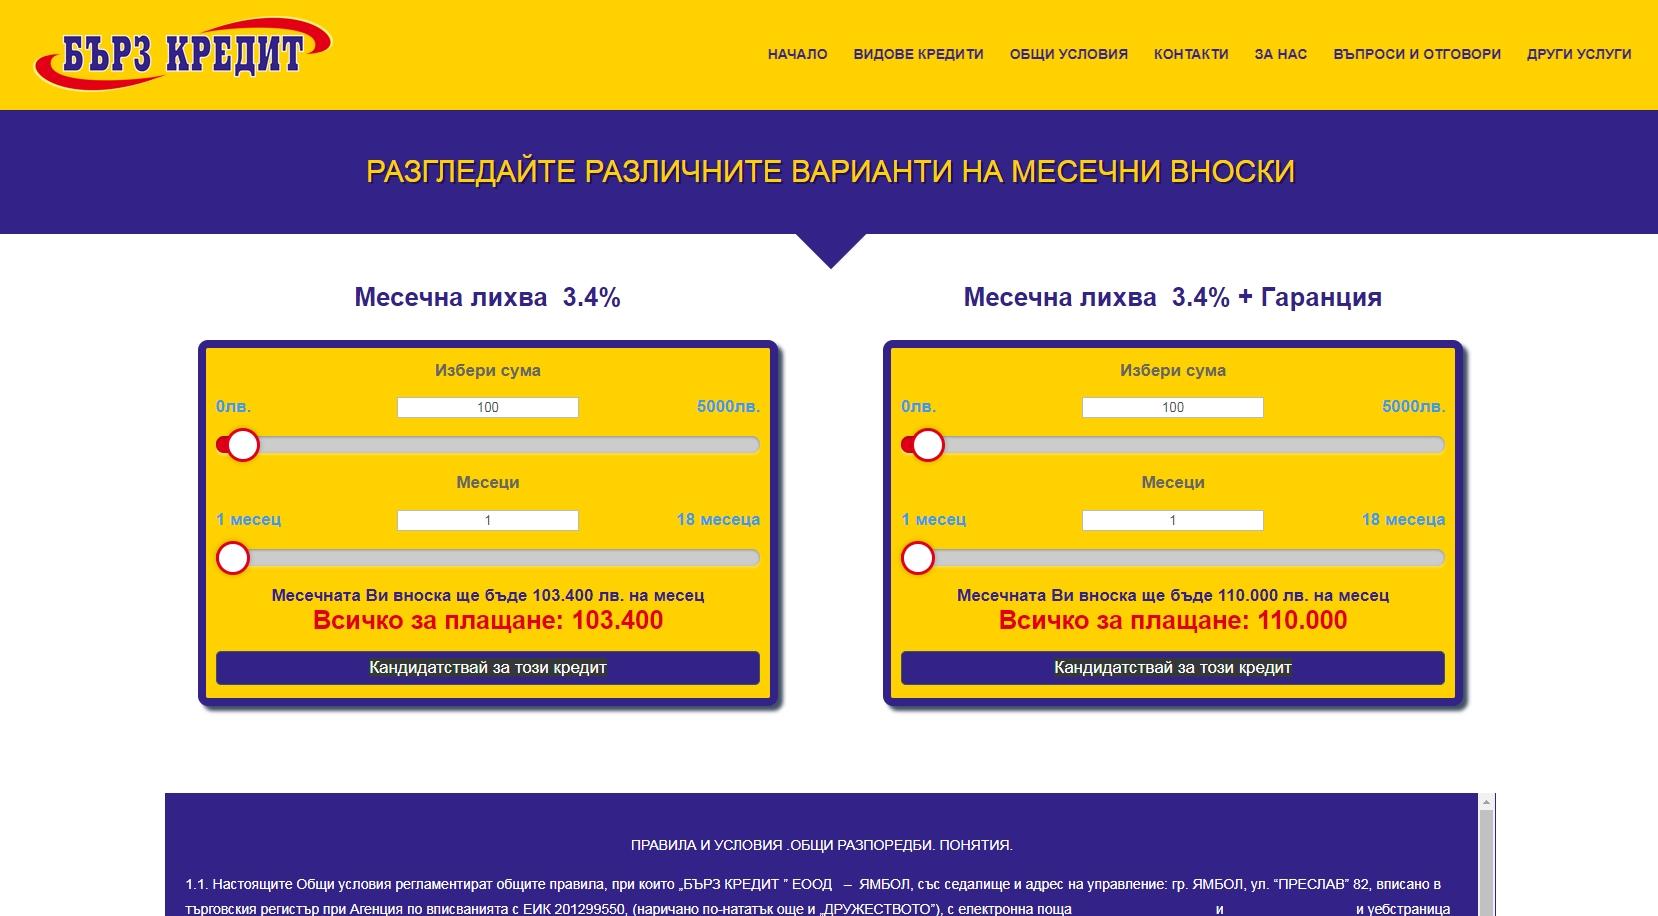 website3